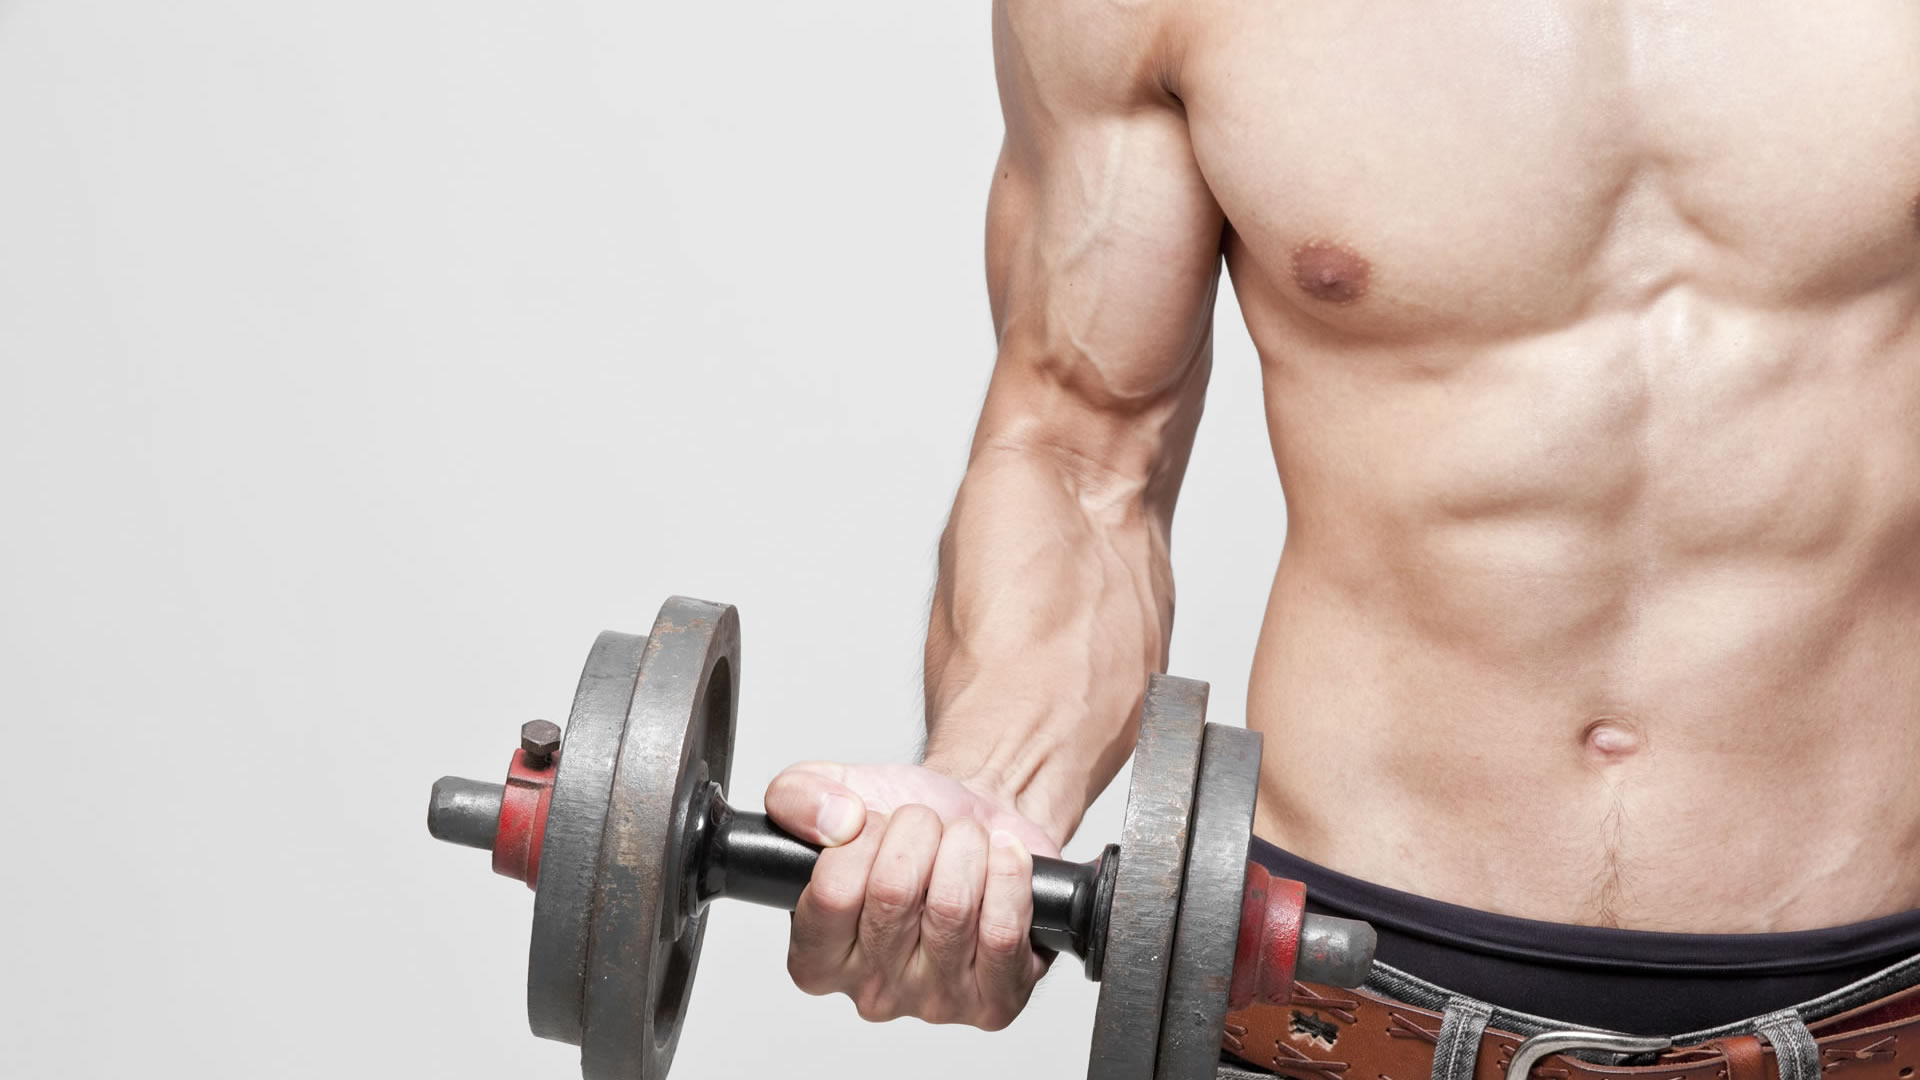 Recortado muscular